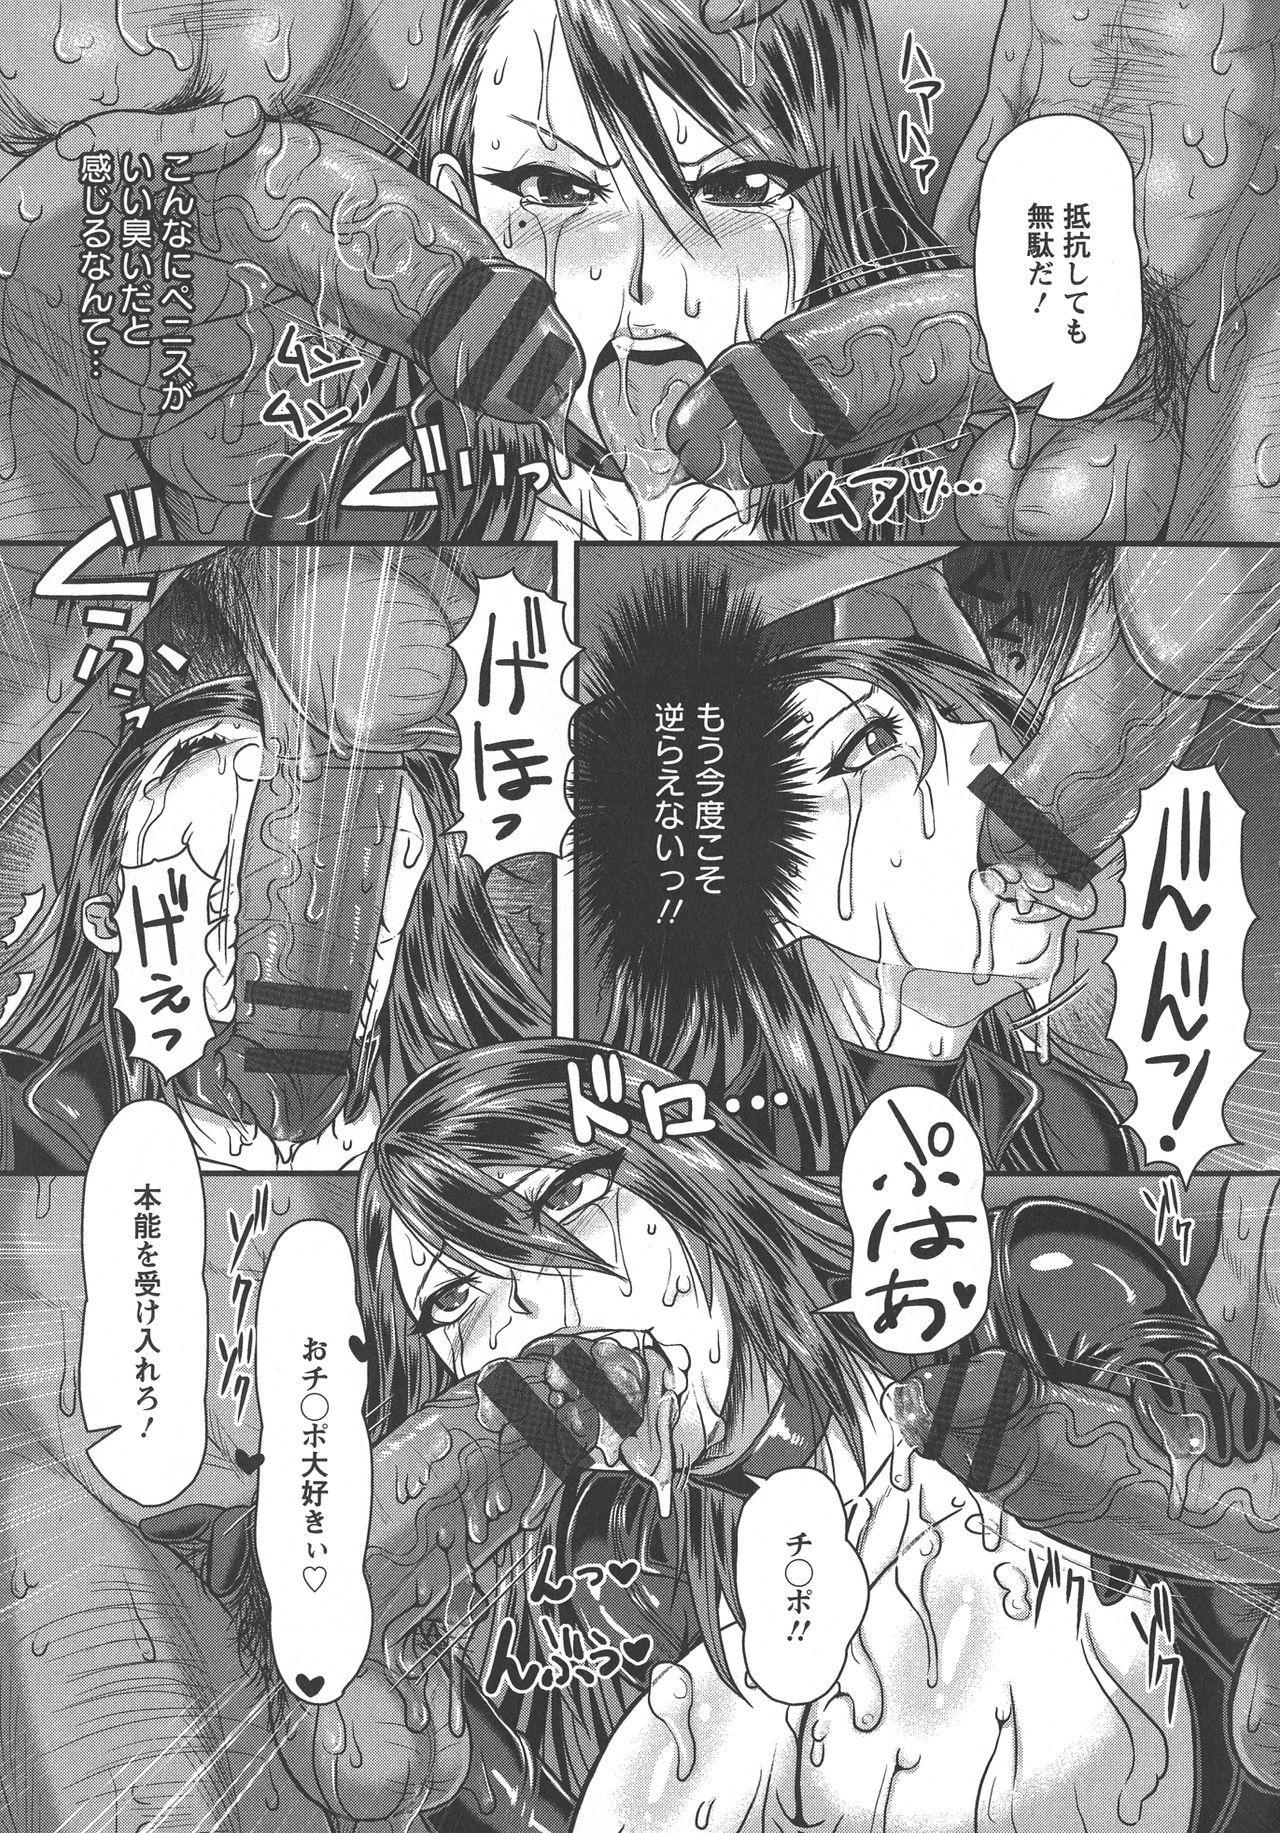 Mesujiru Shibori Nama! 181